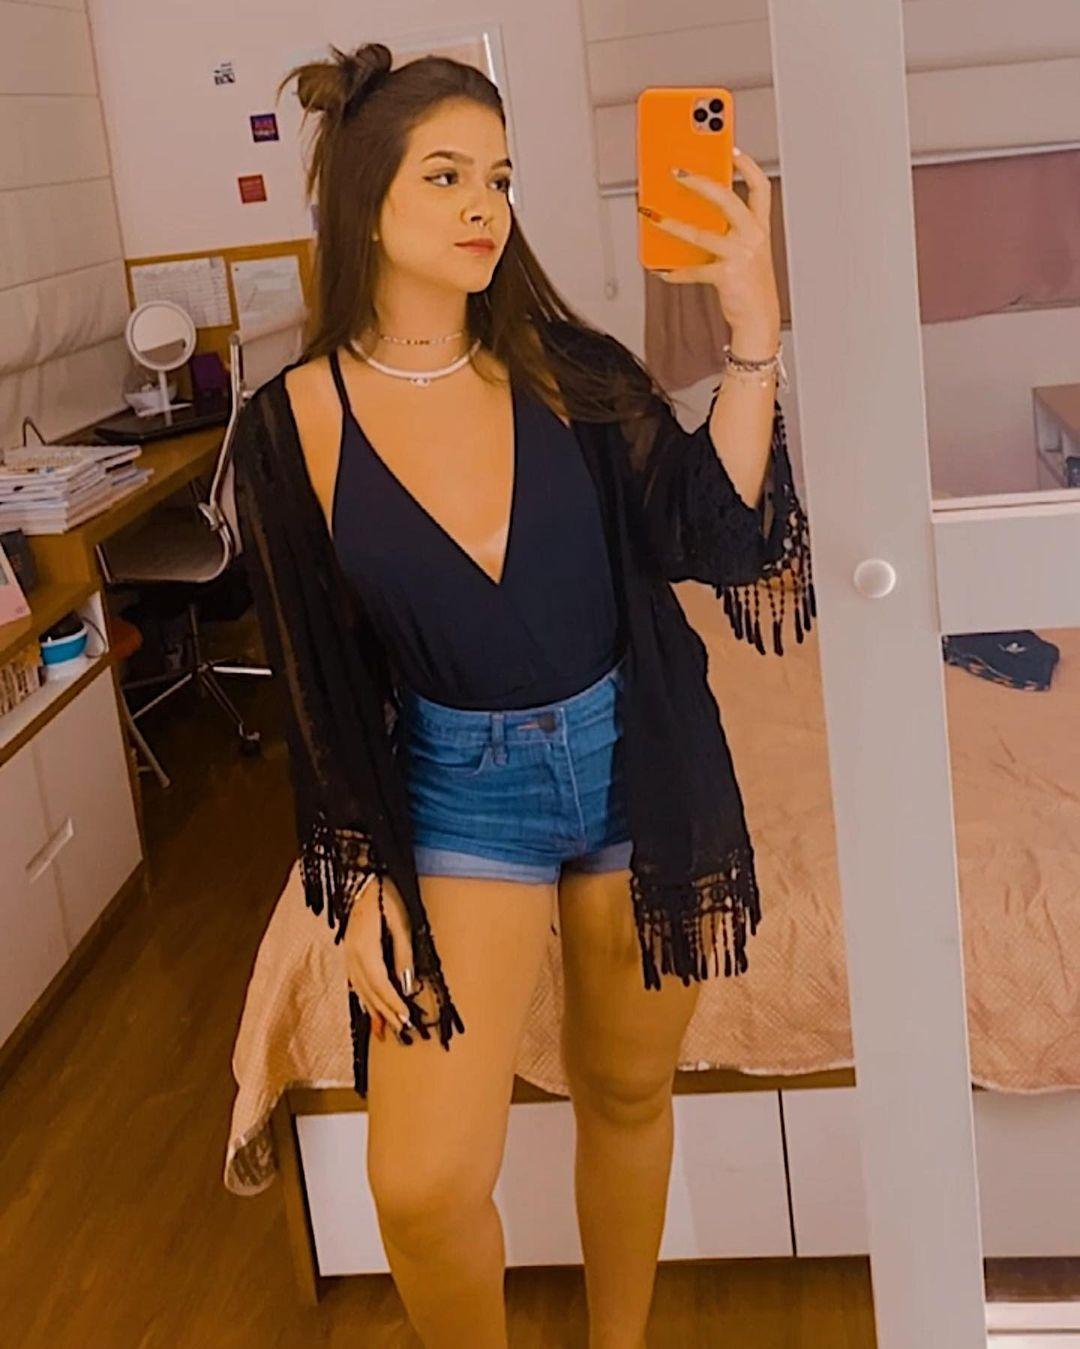 A atriz Mel Maia usando look com body preto com decote V, short jeans e kimono preto com franjas por cima. Ela está em pé, em frente a um espelho, com expressão facial séria, olhando para o celular que ela segura com uma das mãos.